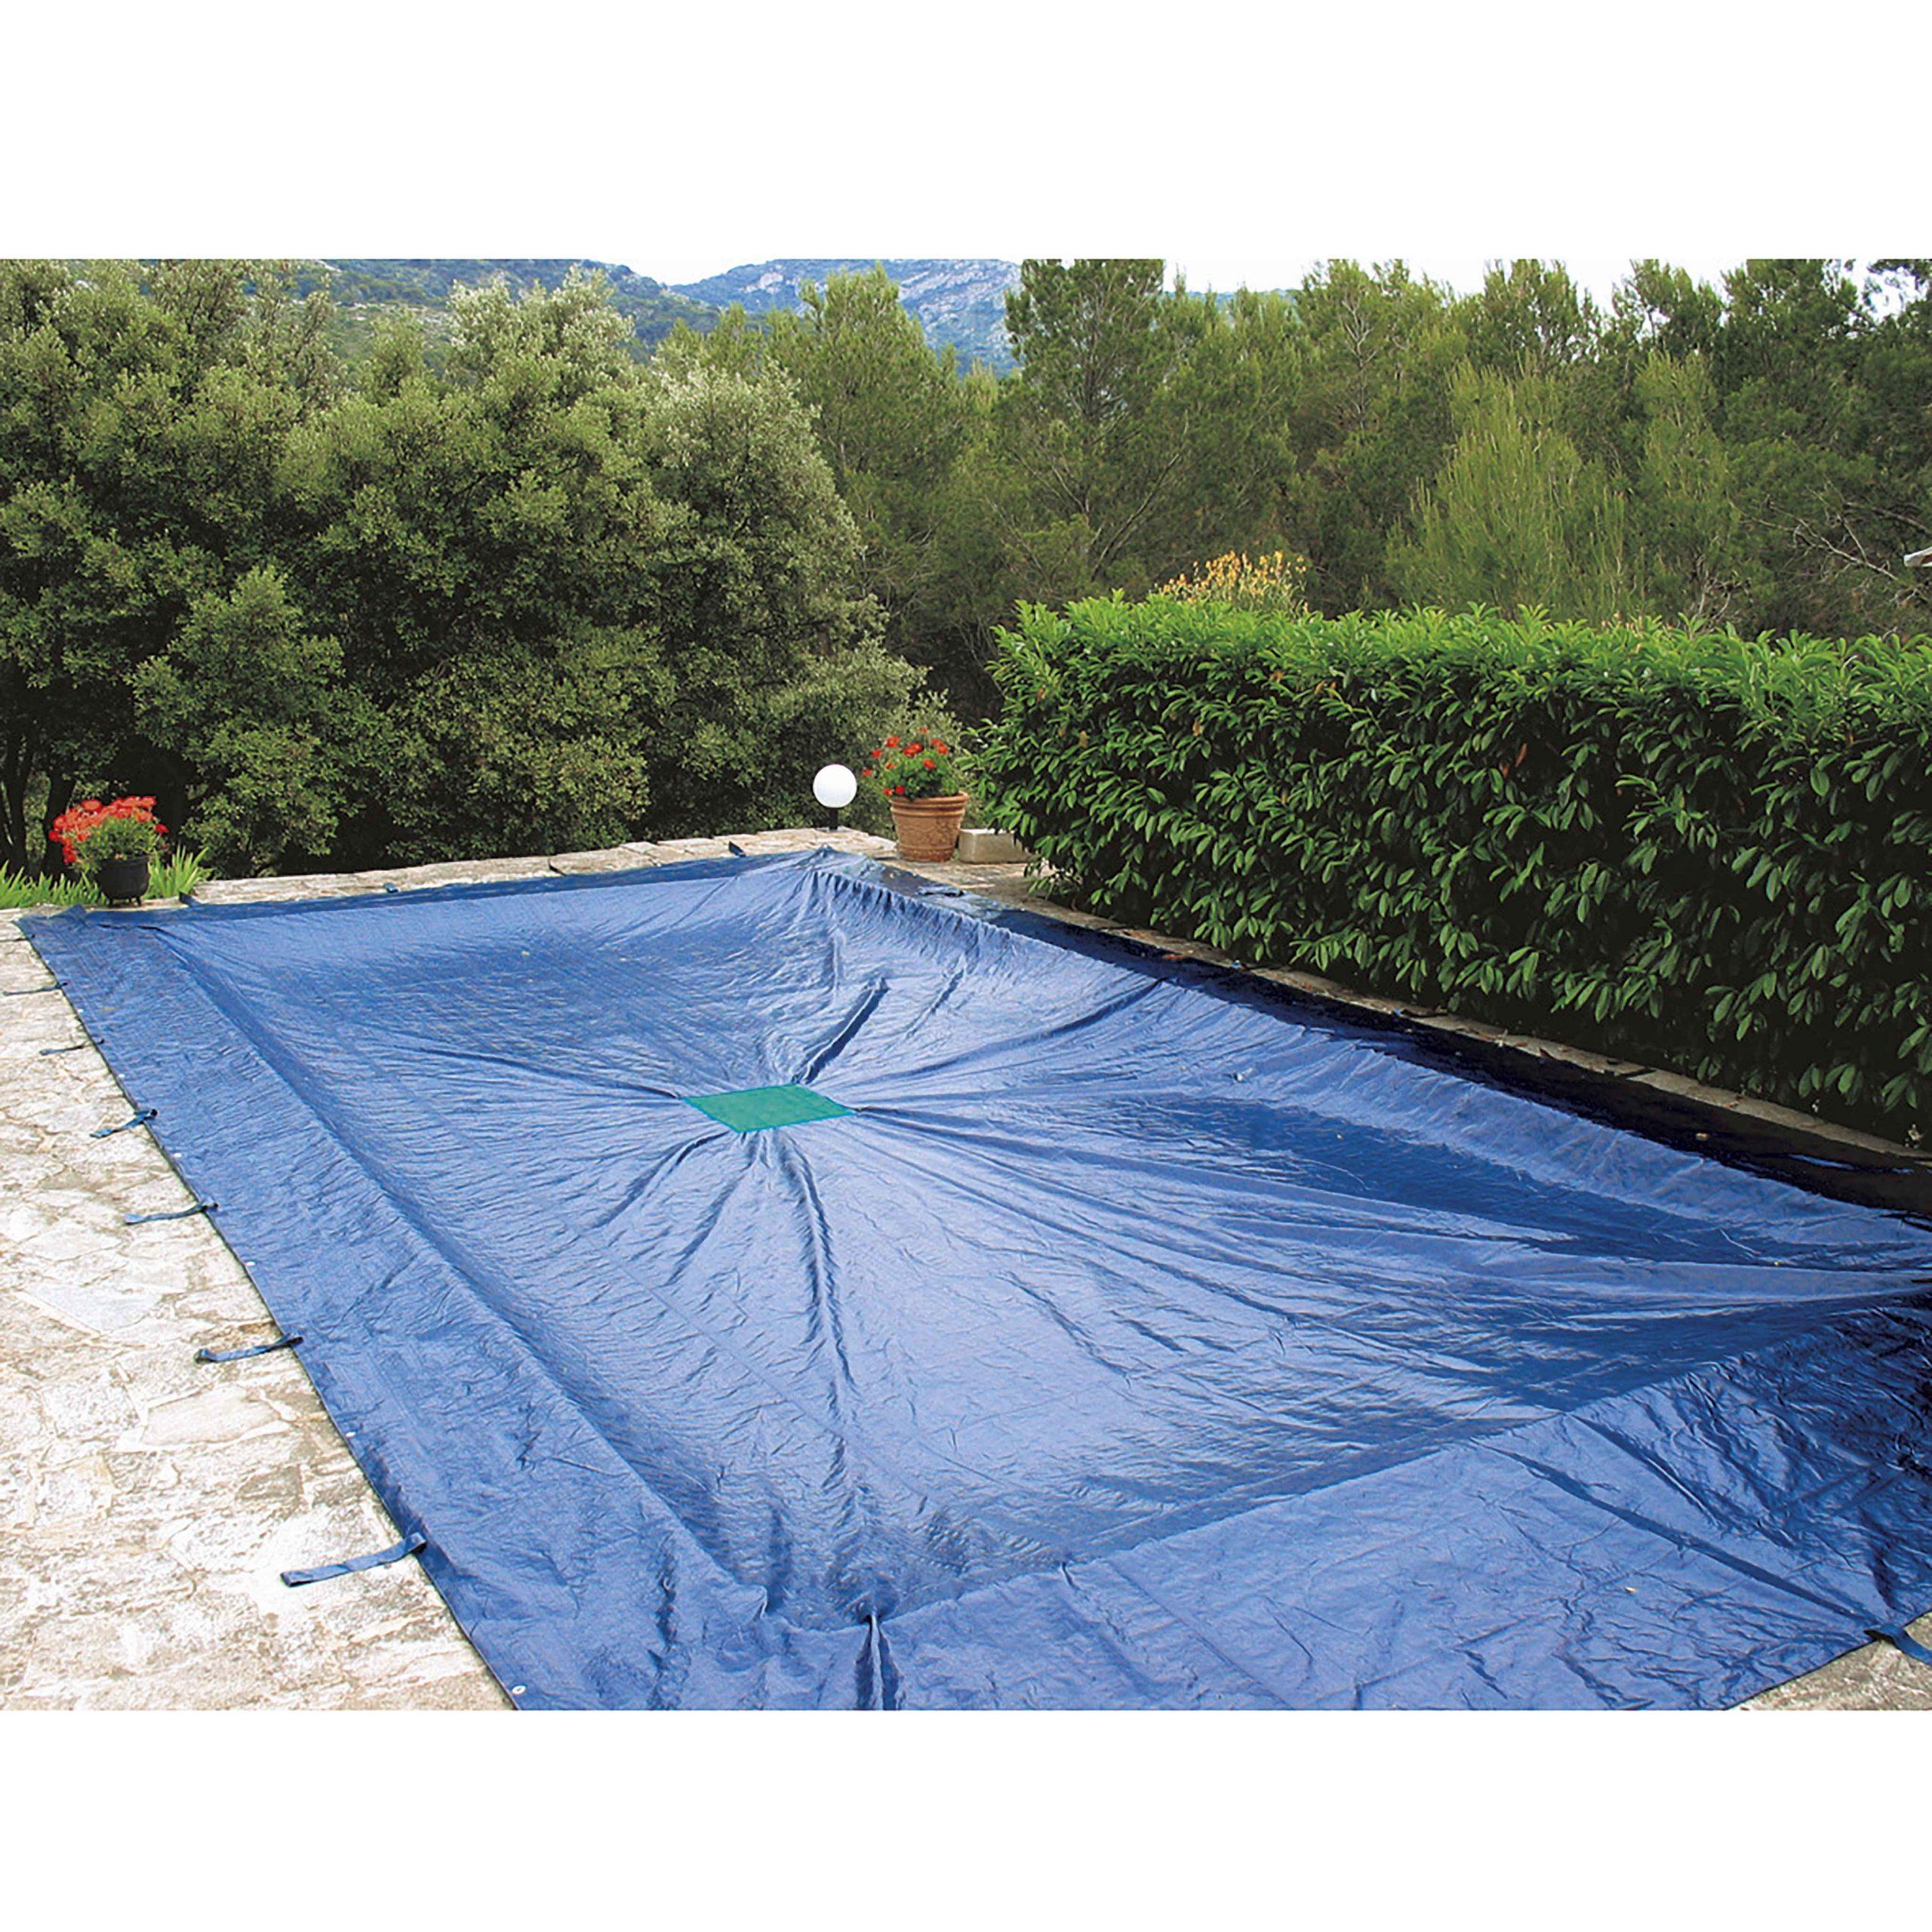 Bâche De Protection 140G/m² Pour Piscine Rectangulaire destiné Bache Sous Piscine